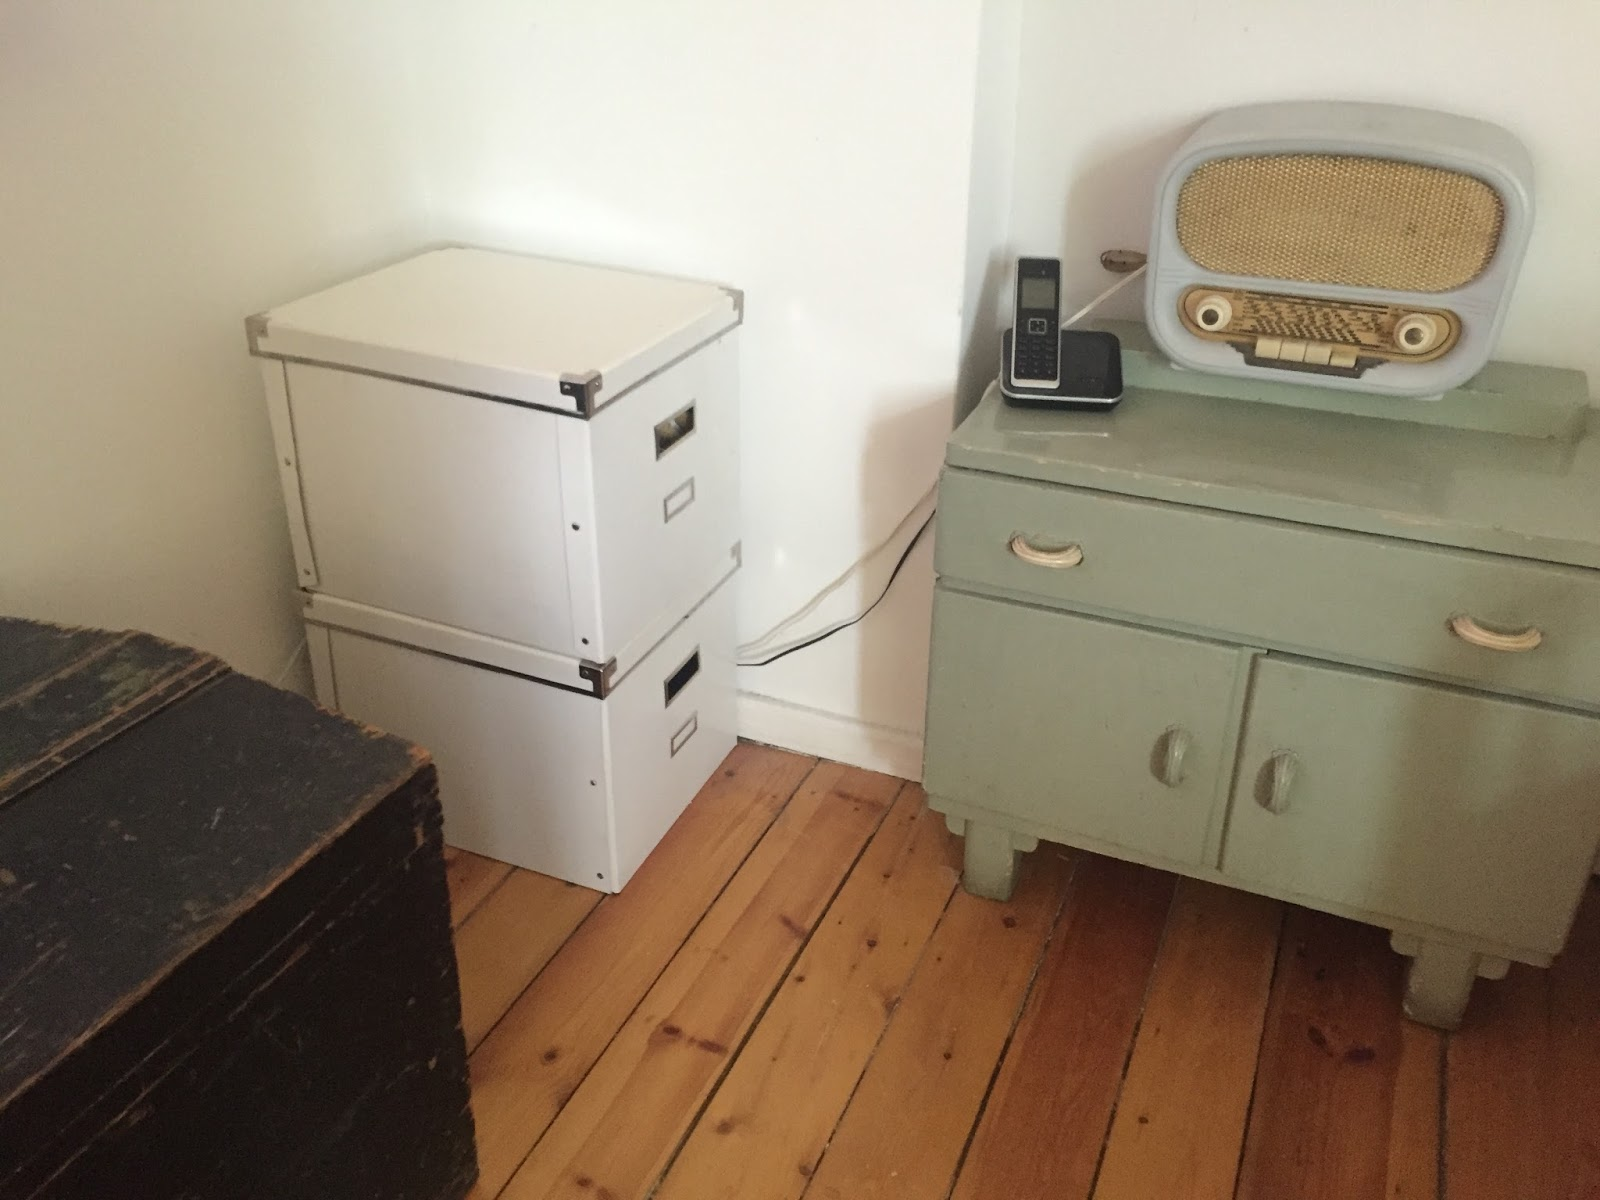 kabel verstecken box kabel verstecken weg mit dem elektrosalat know how kabel verstecken bild. Black Bedroom Furniture Sets. Home Design Ideas